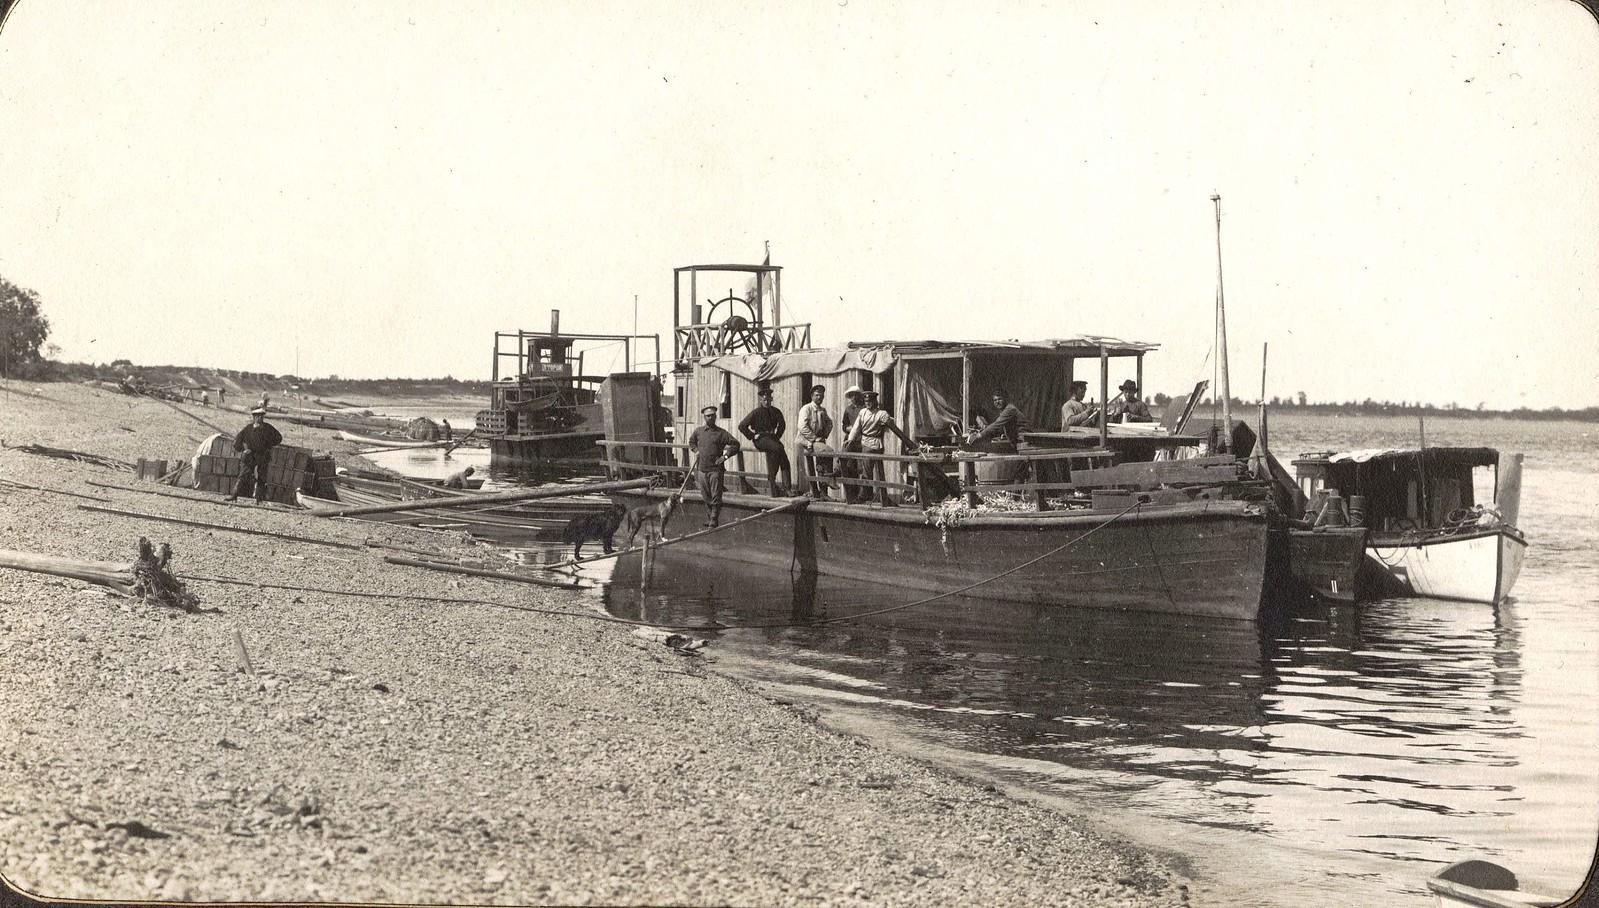 Караван изыскательской партии у берега реки Зеи